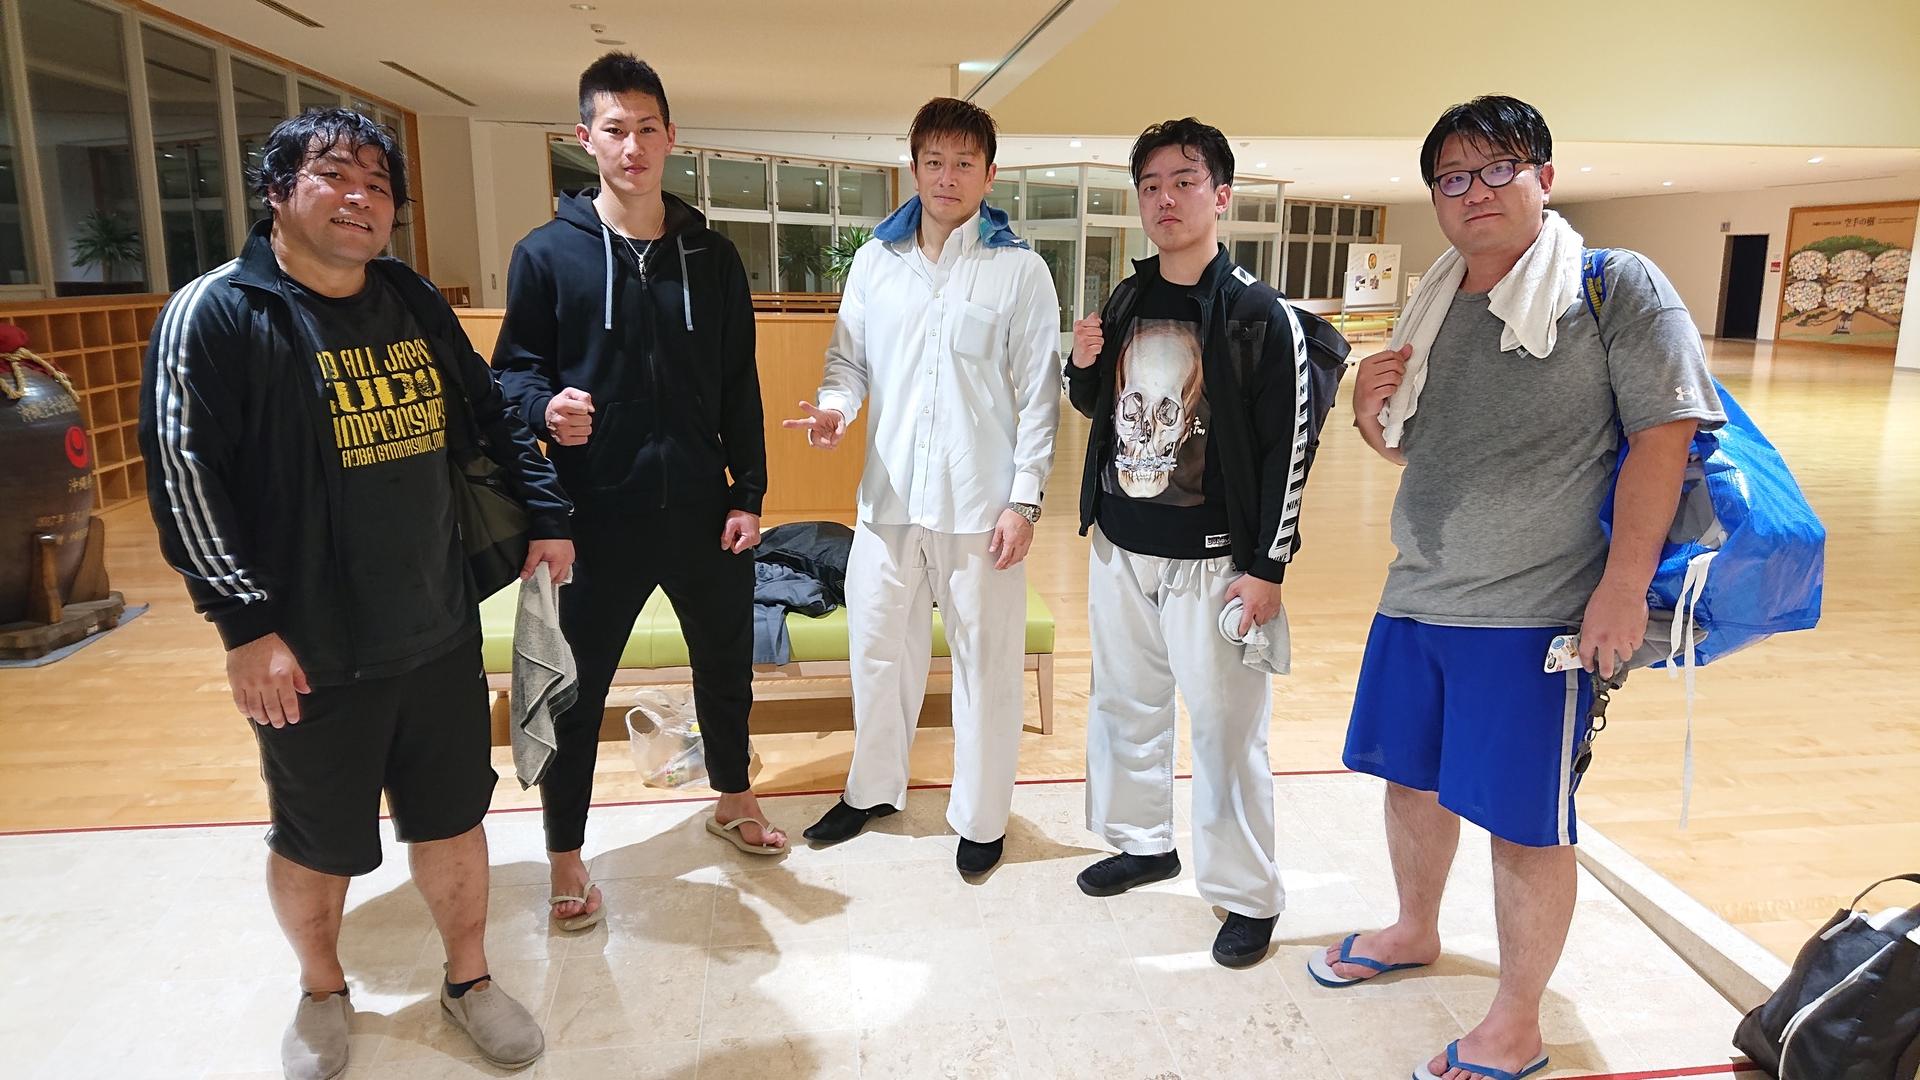 那覇道場:平塚先輩、伊藤選手が出稽古に